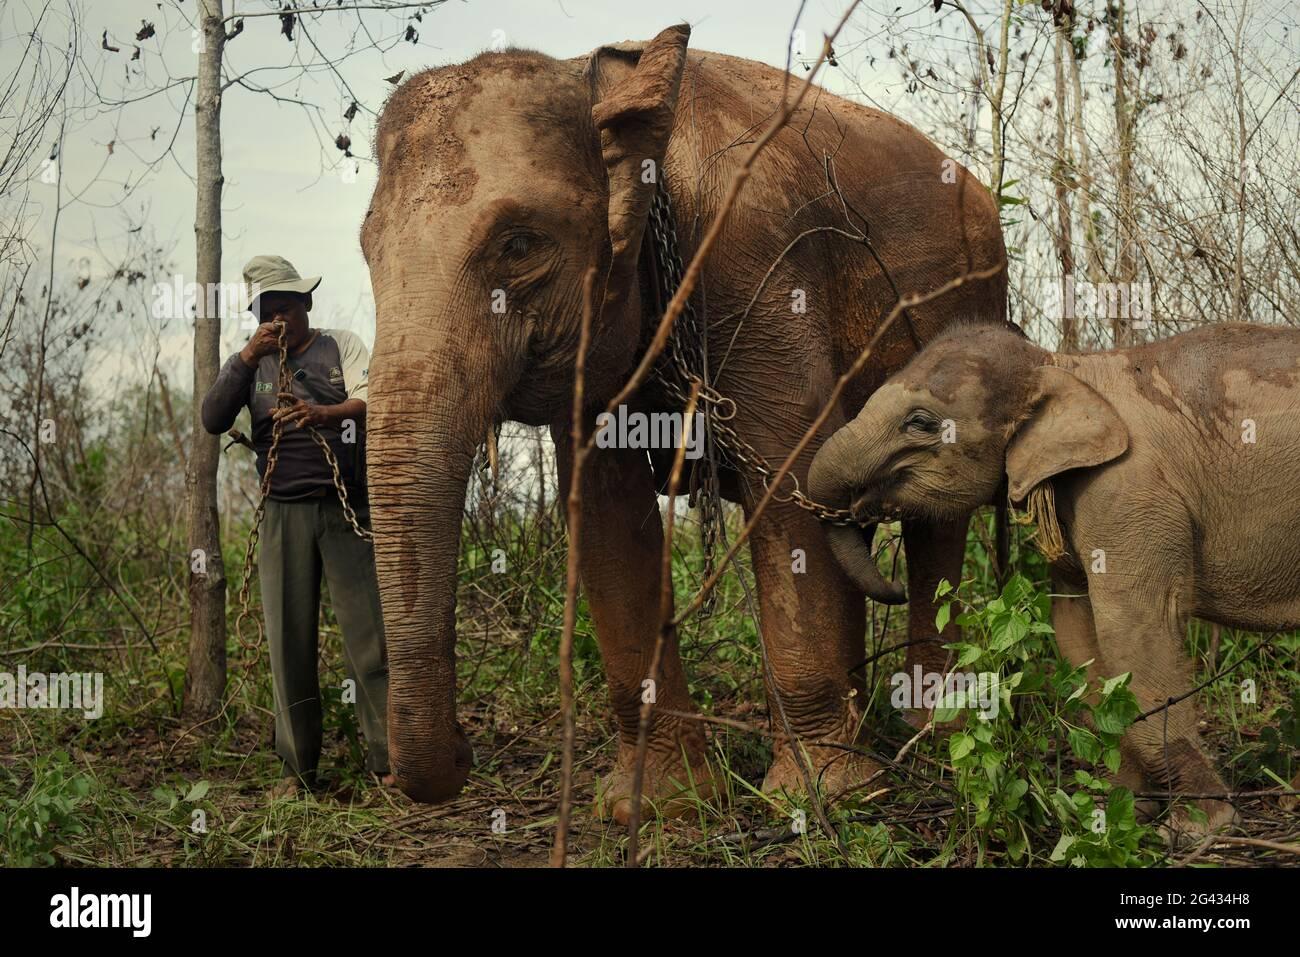 Rebo, un mahout, préparant ses éléphants pour une promenade de retour au centre des éléphants après qu'ils se nourrissent sur les buissons dans le parc national de Kambas, Indonésie. Banque D'Images